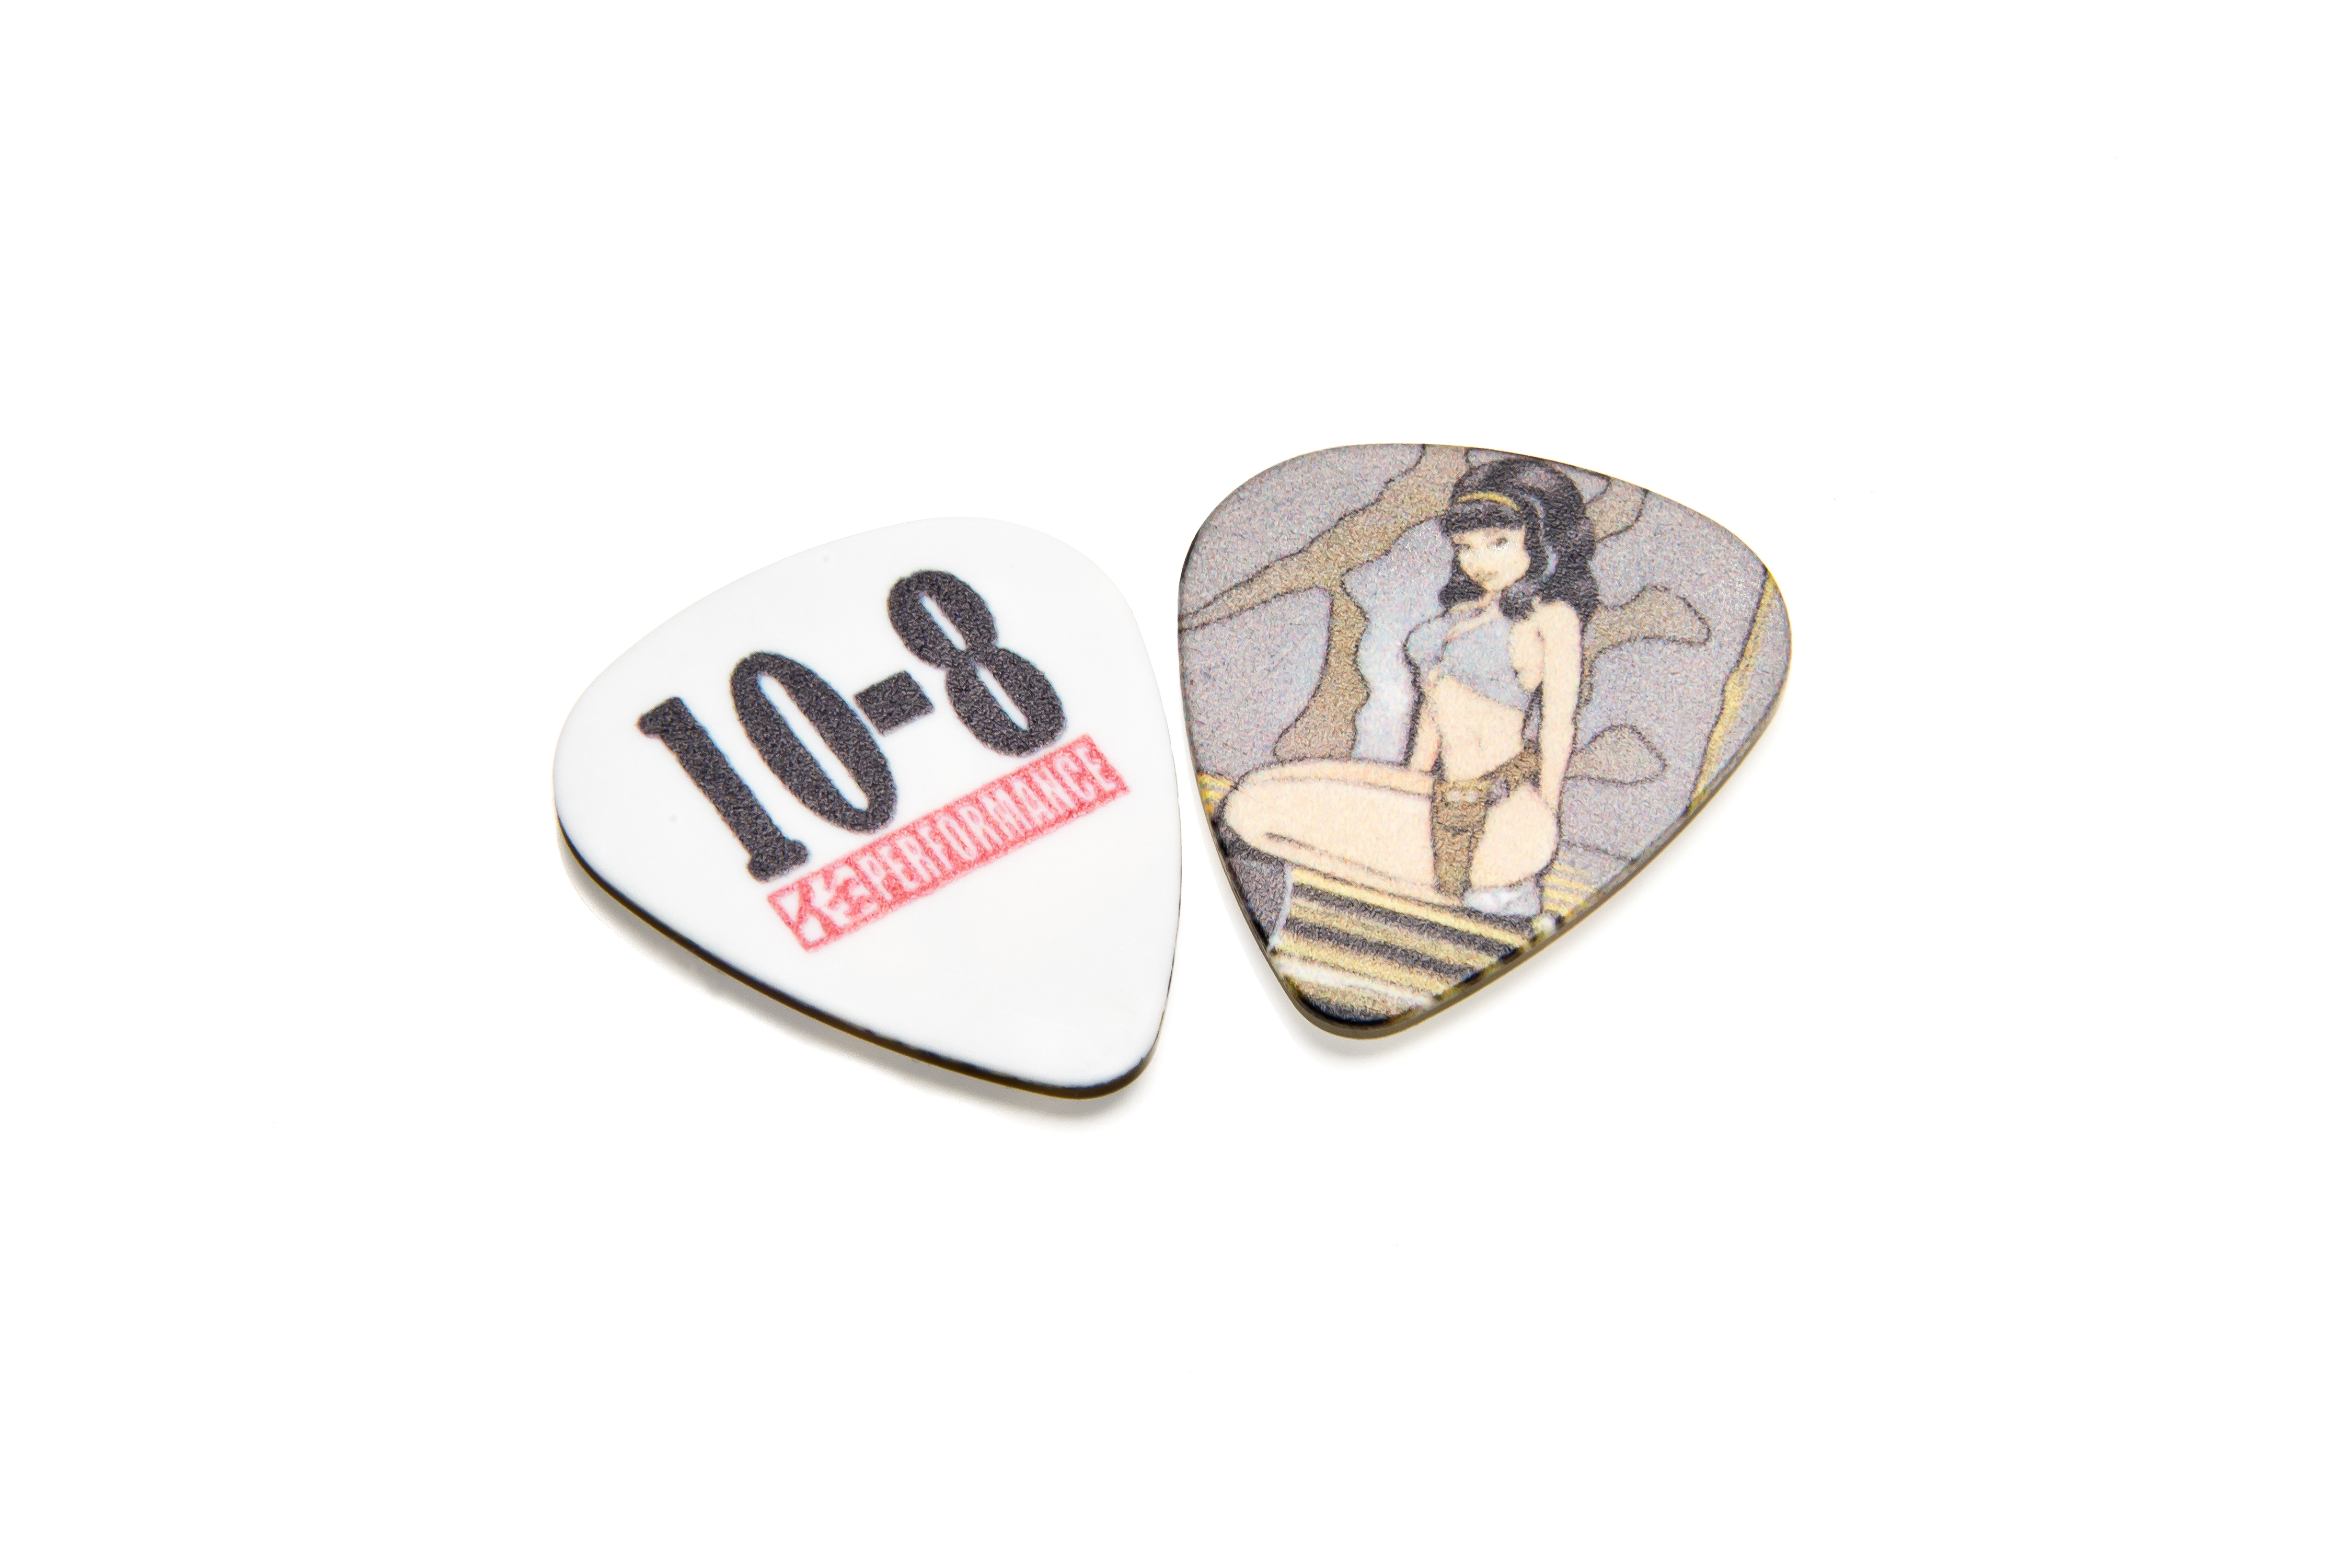 10-8guitarpicks-flipside01-4500.jpg